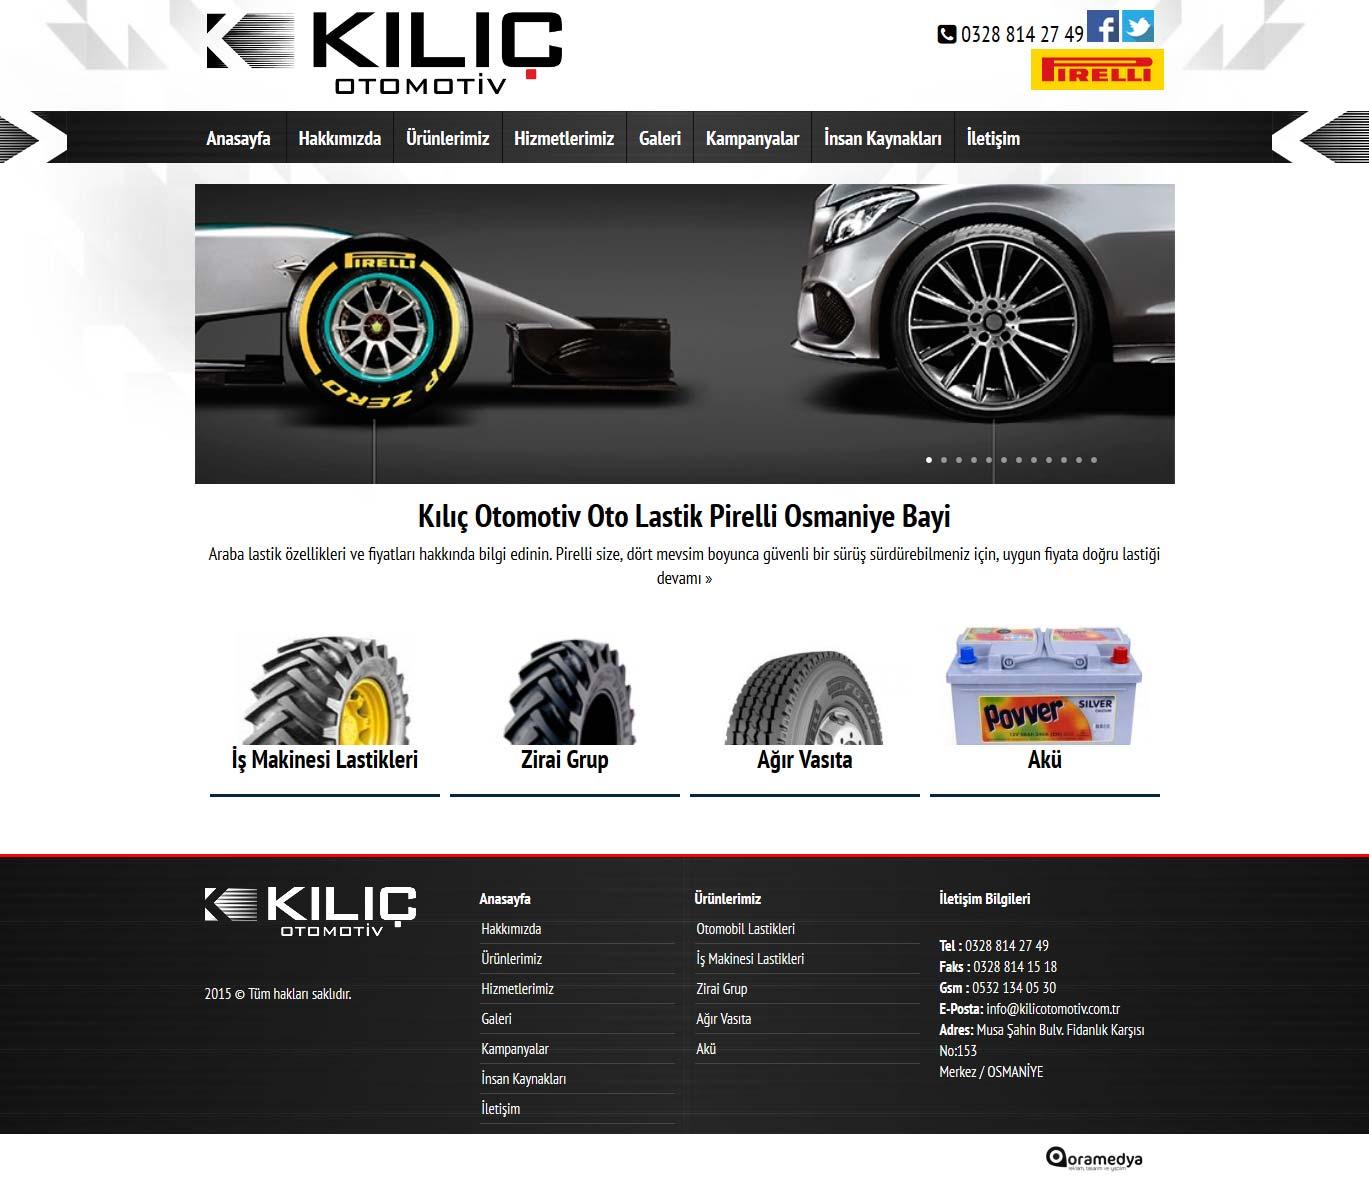 Kılıç Otomotiv Osmaniye Pirelli Lastik Bayi Web Sitesi Tasarımı